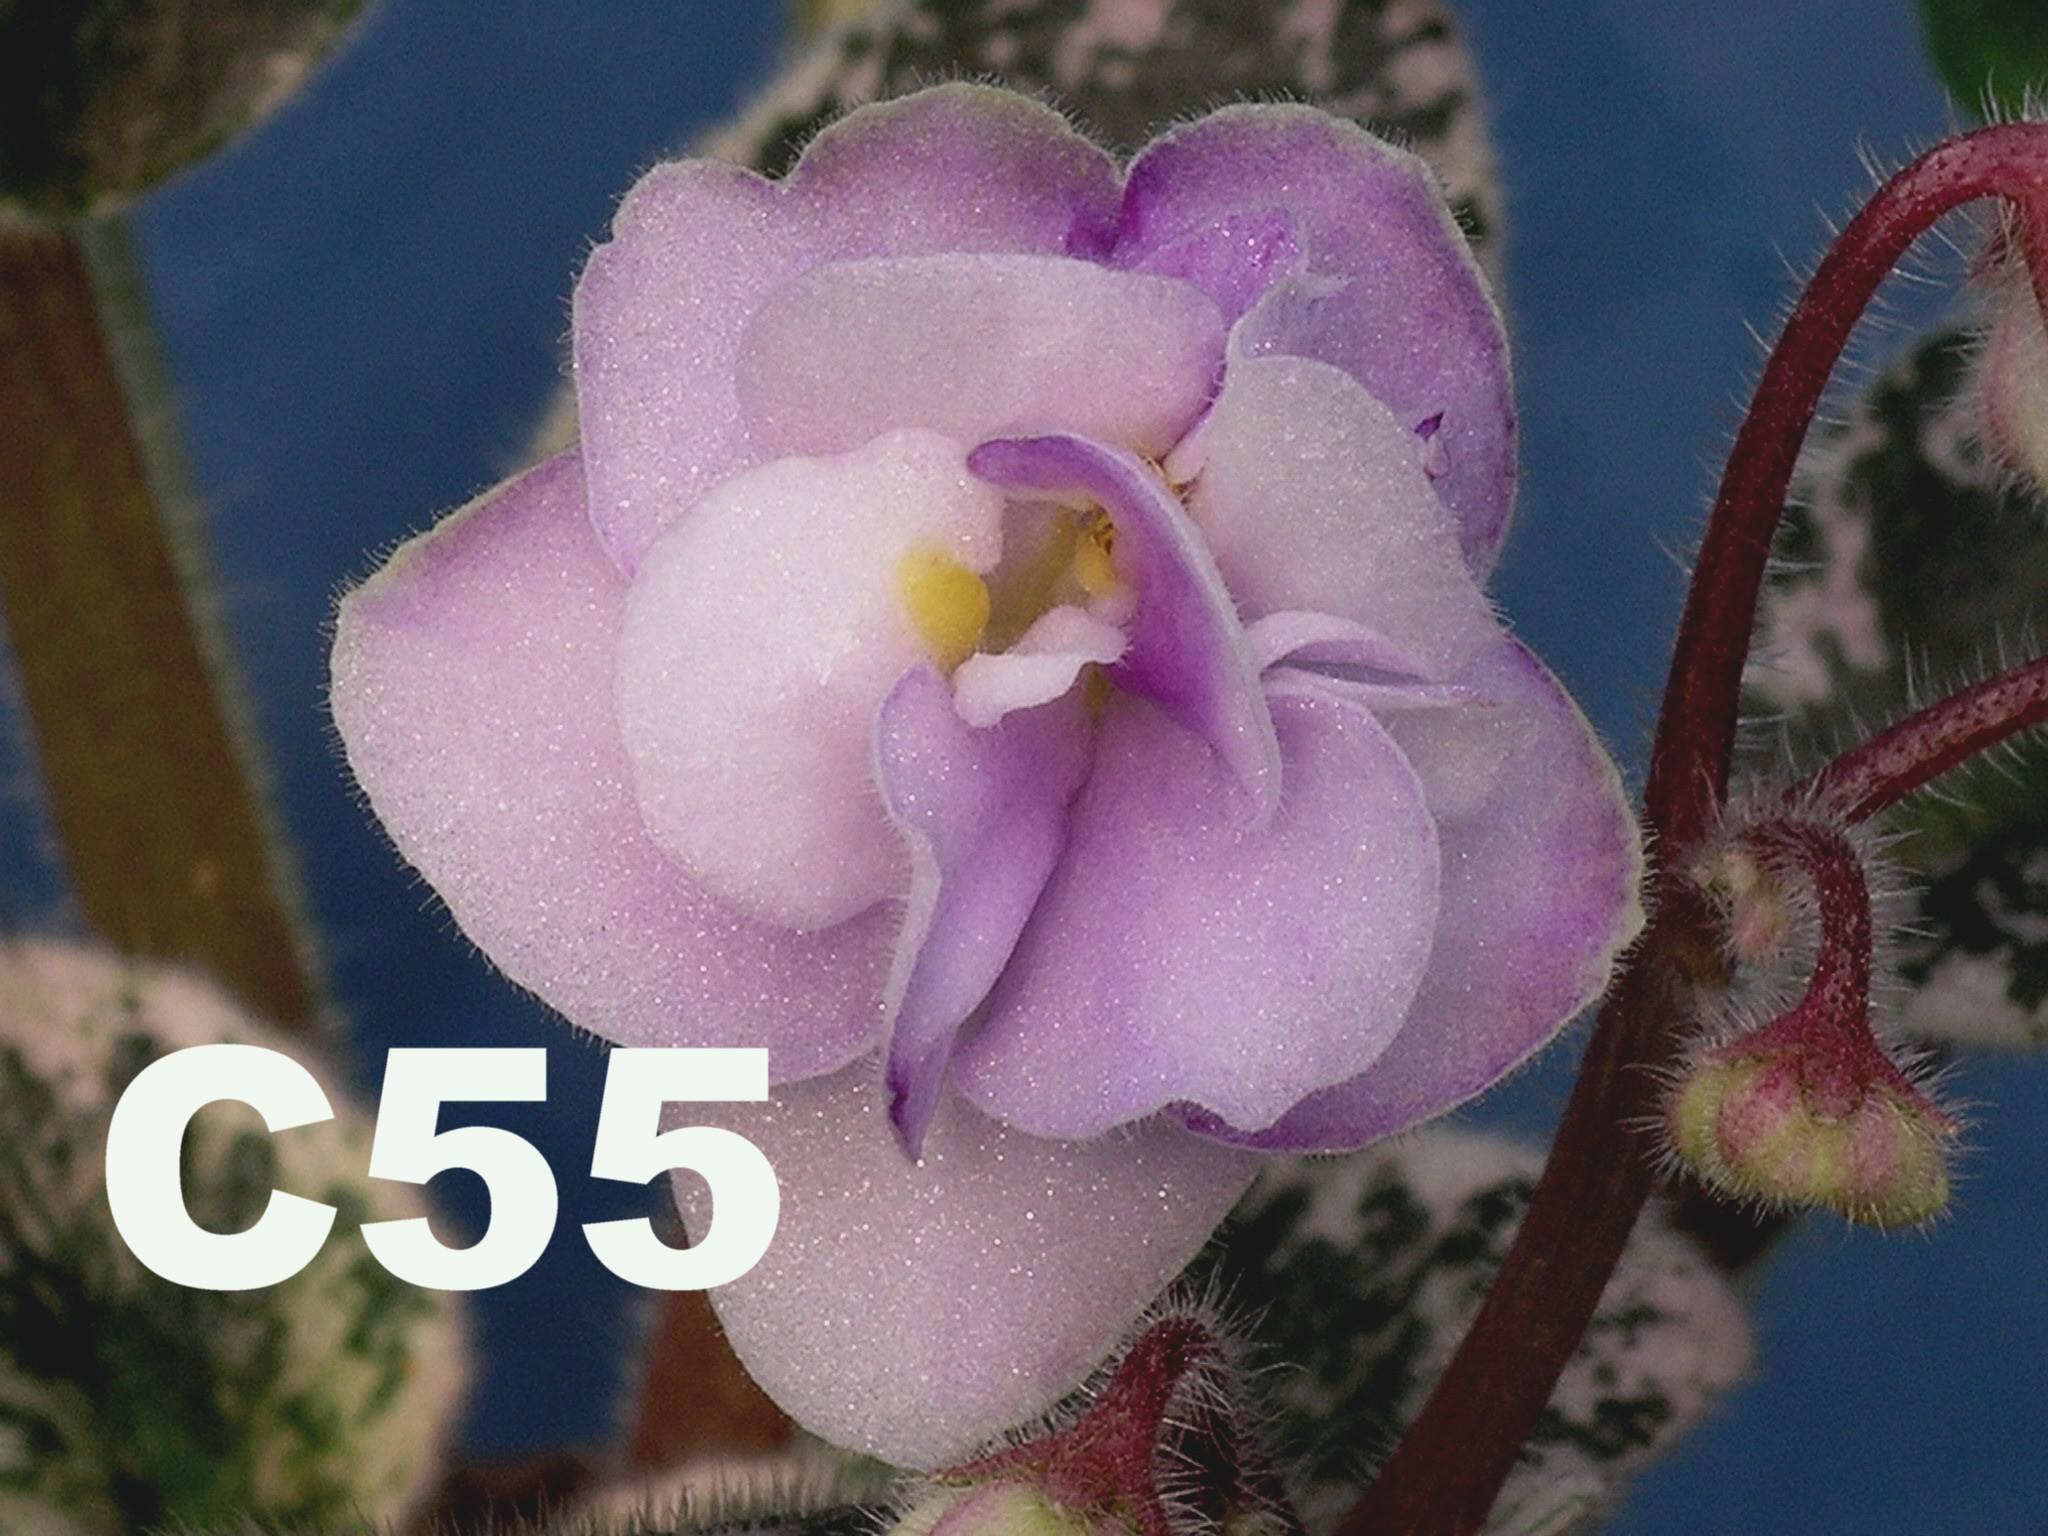 [C55] C55